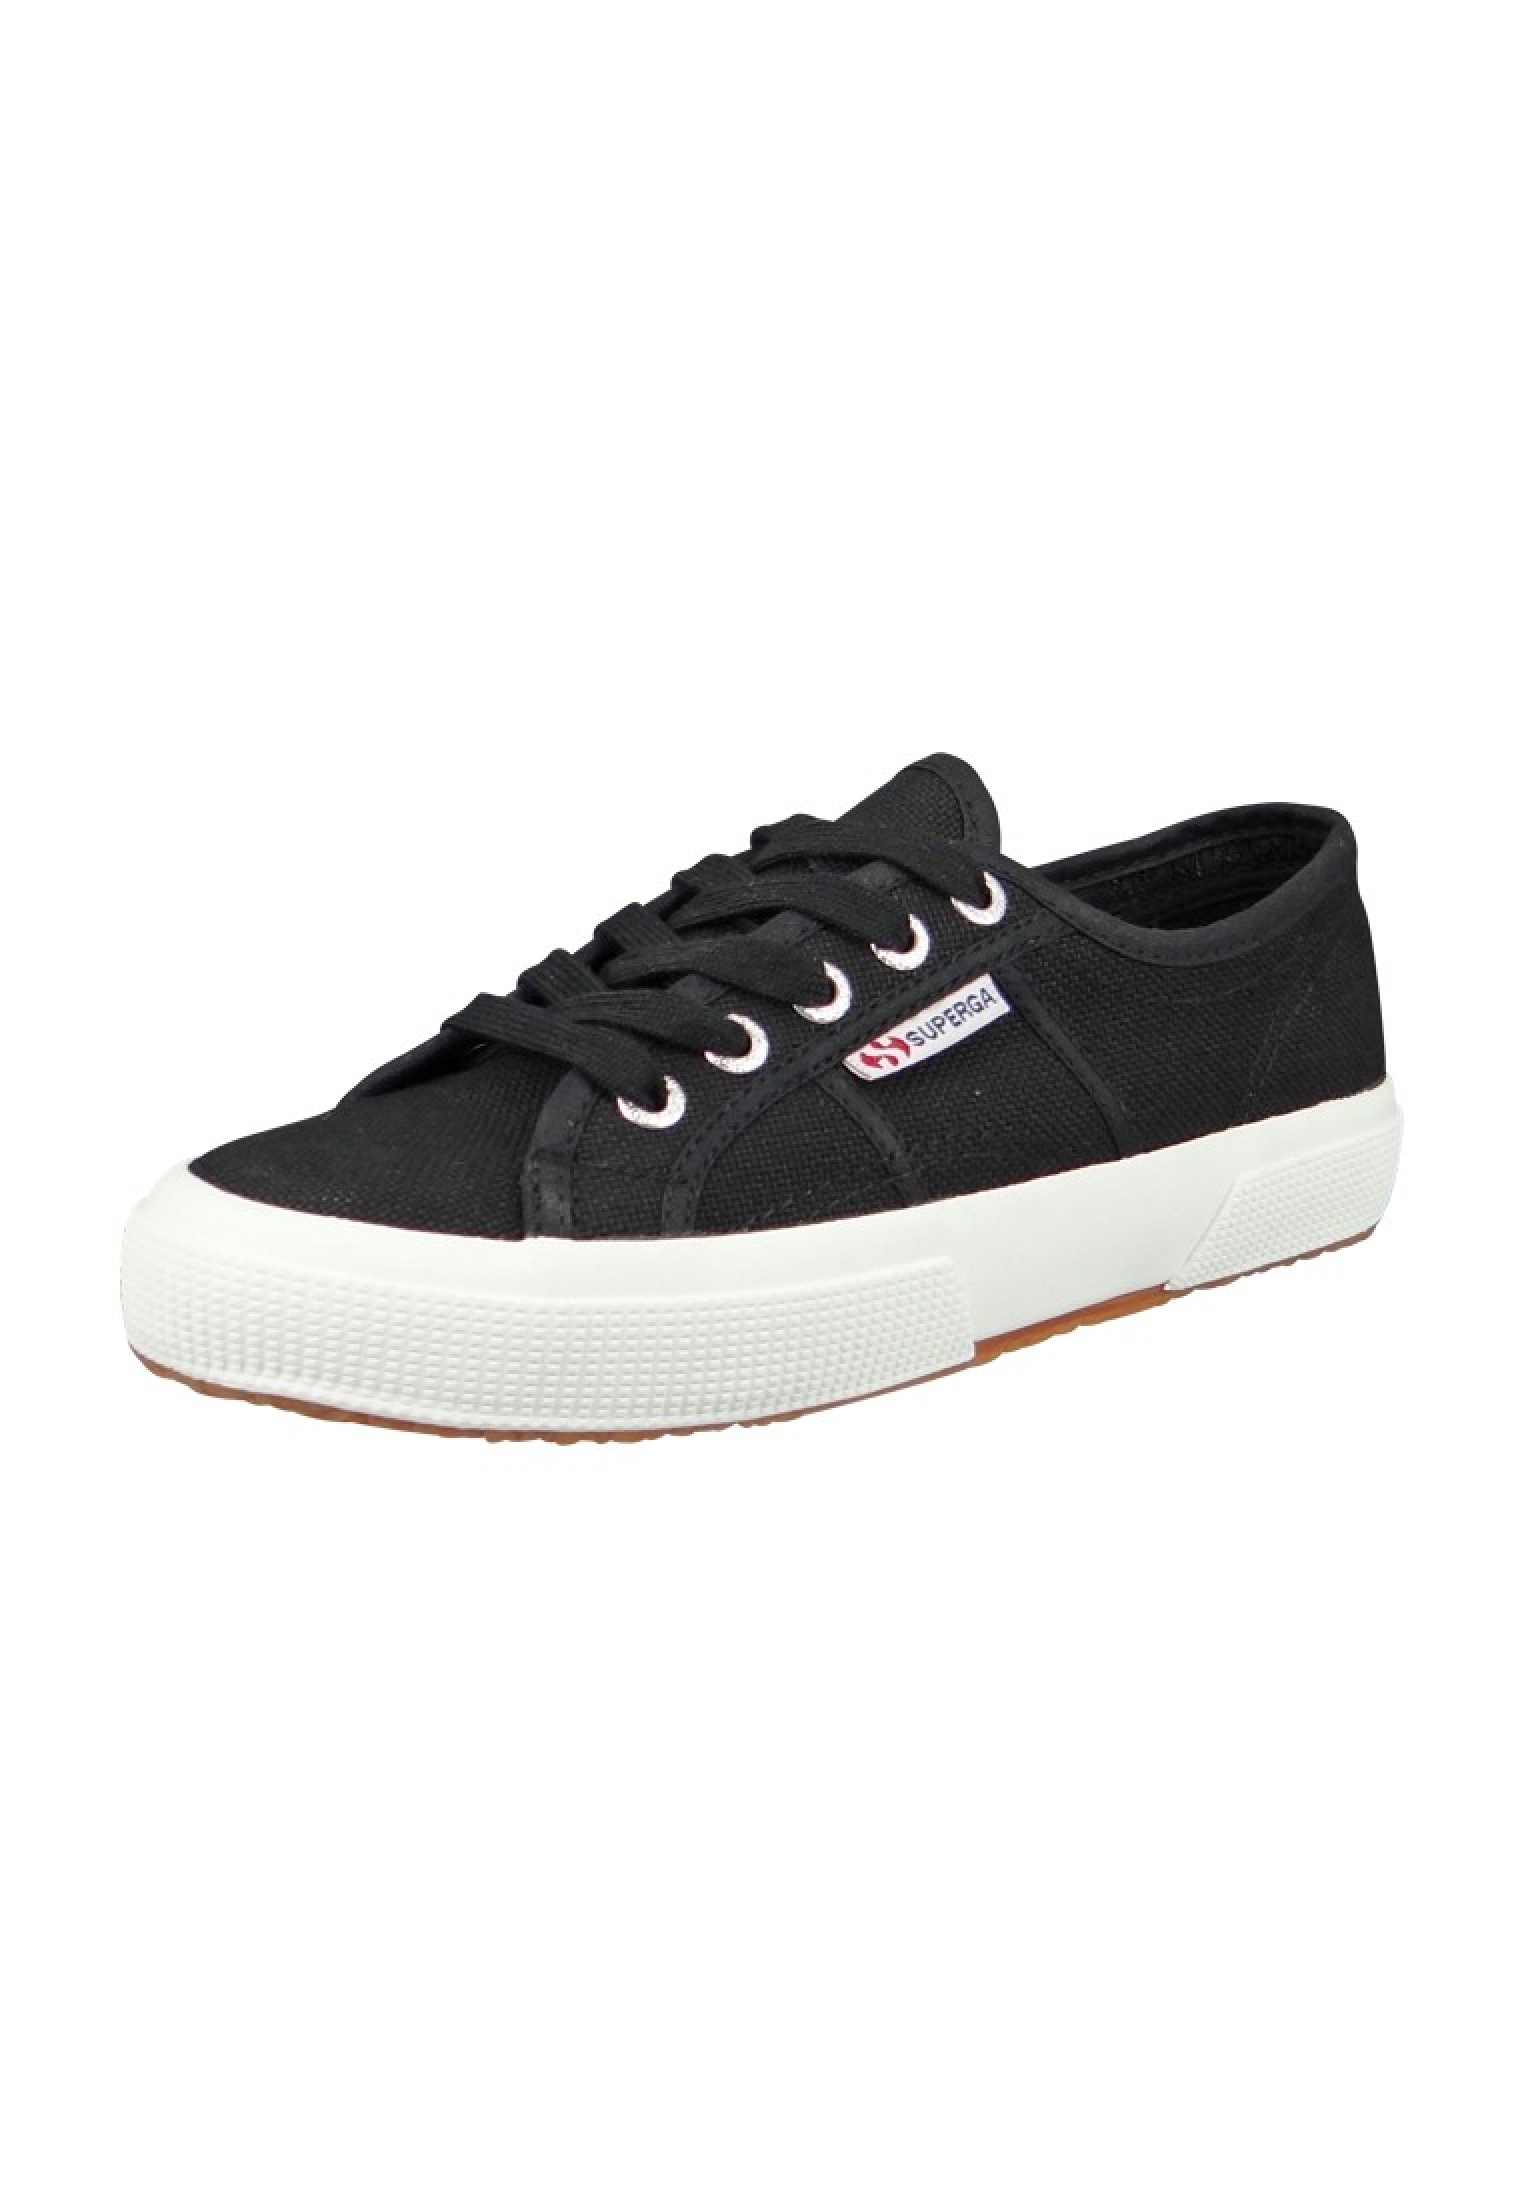 new arrival 2ad37 5da5b Superga Schuhe Sneaker 2750 COTU Classic Schwarz Black White